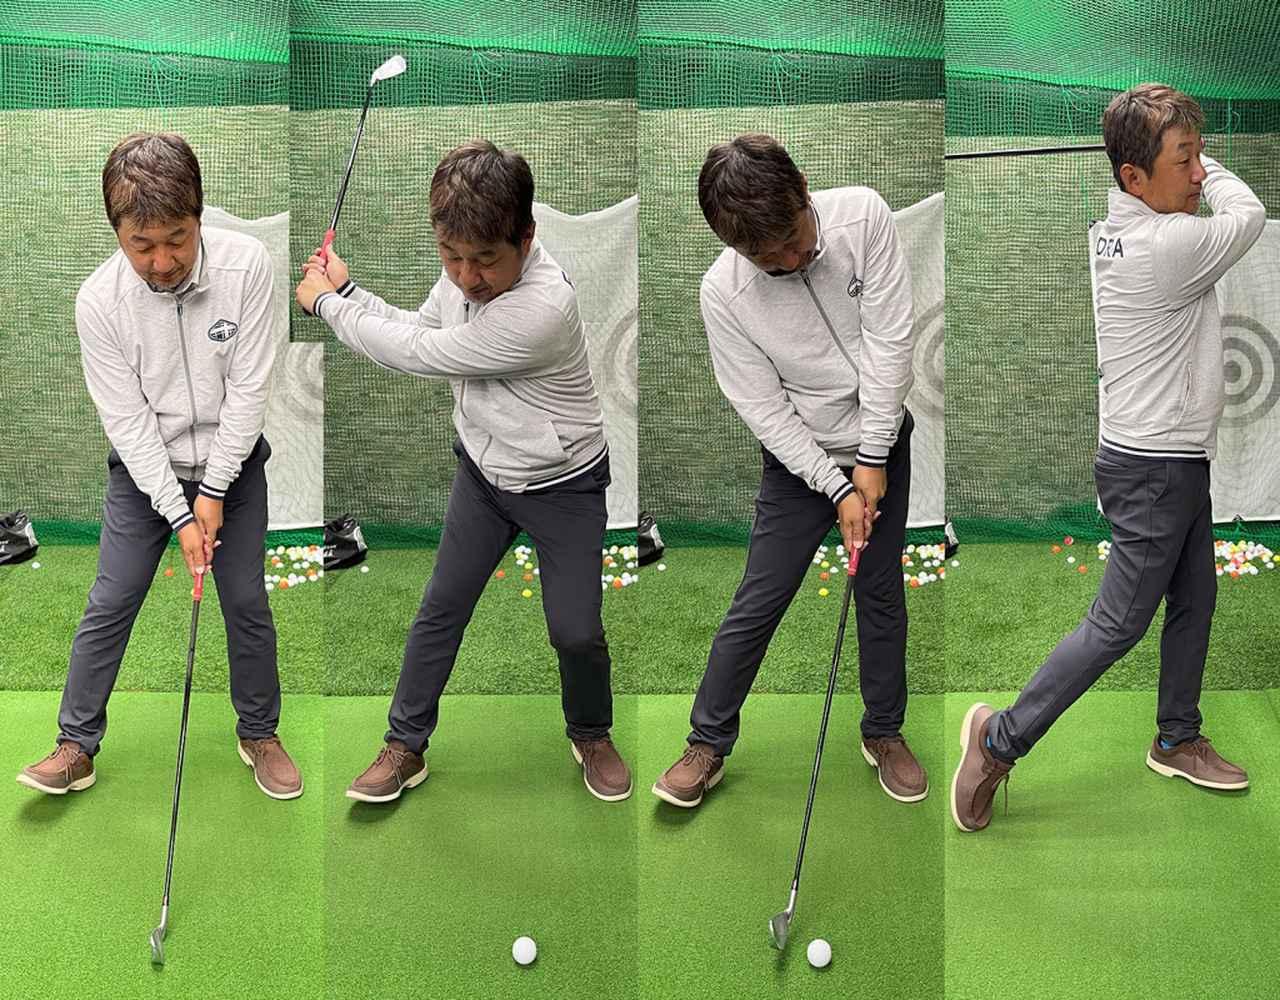 画像: 右足のつま先を上げたままスウィングすると、左膝を曲げて重心をかけてから左膝を伸ばしていく感覚が分かる。クラブを持たずに下半身の動きだけを練習することもできる